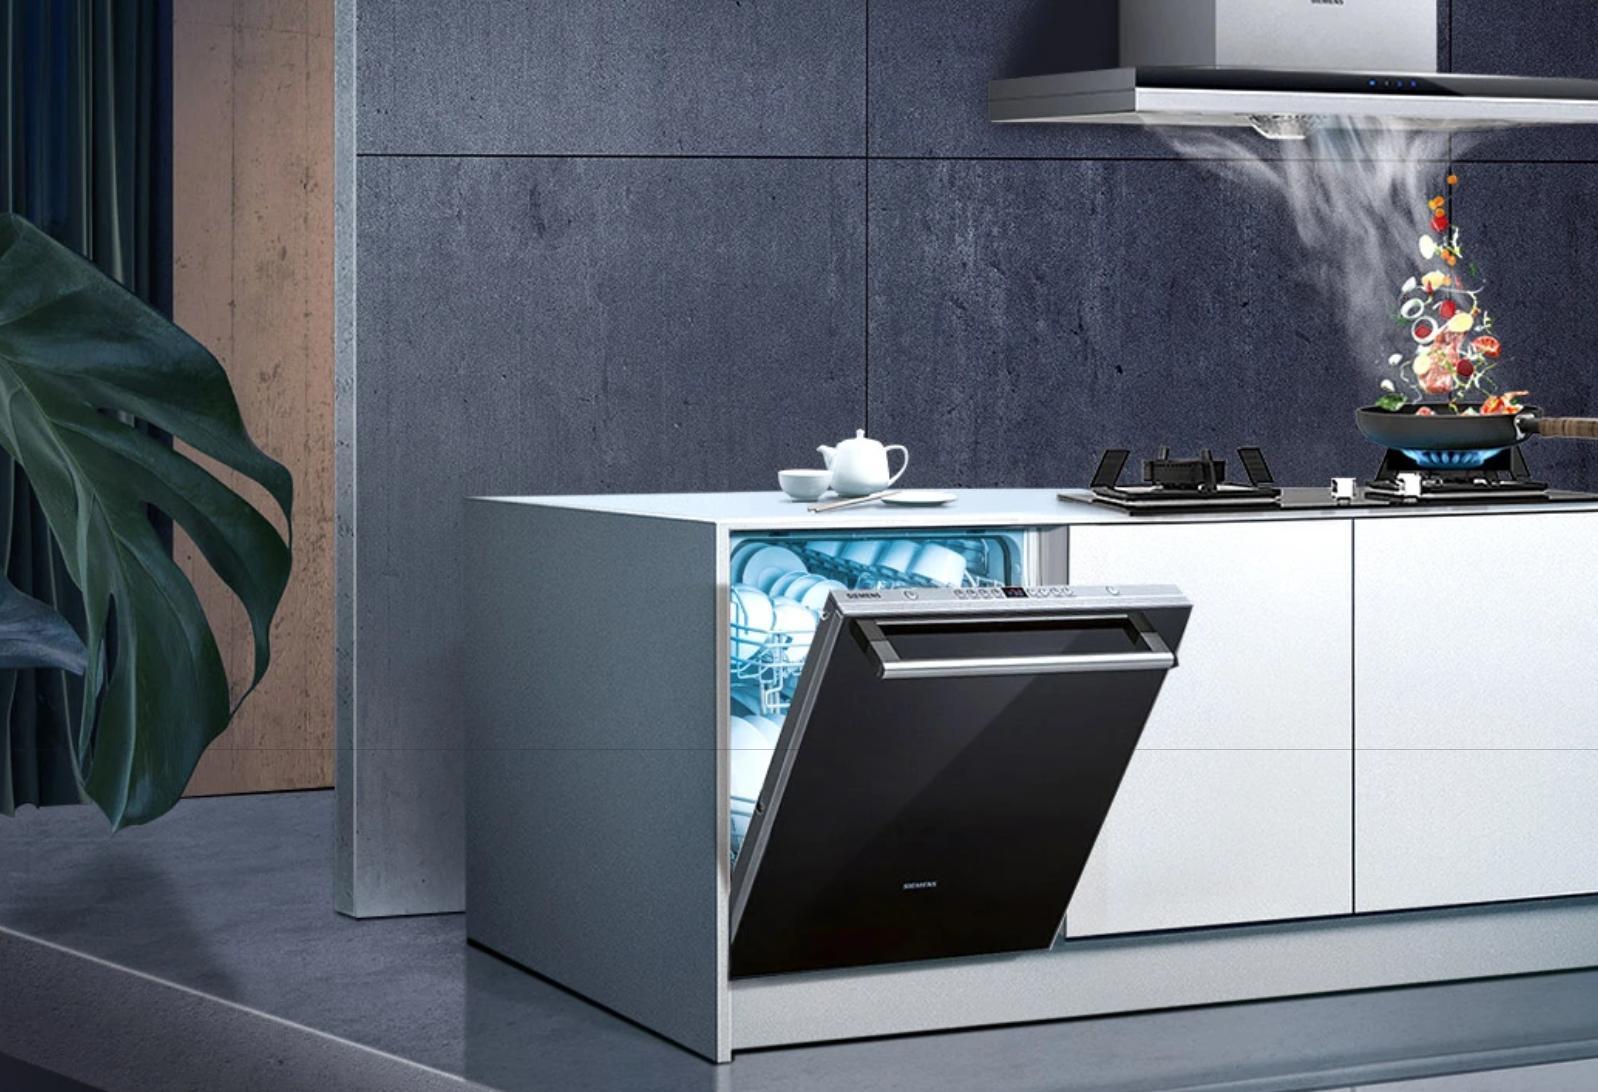 西门子洗碗机解读,抱歉!这些年误解你了